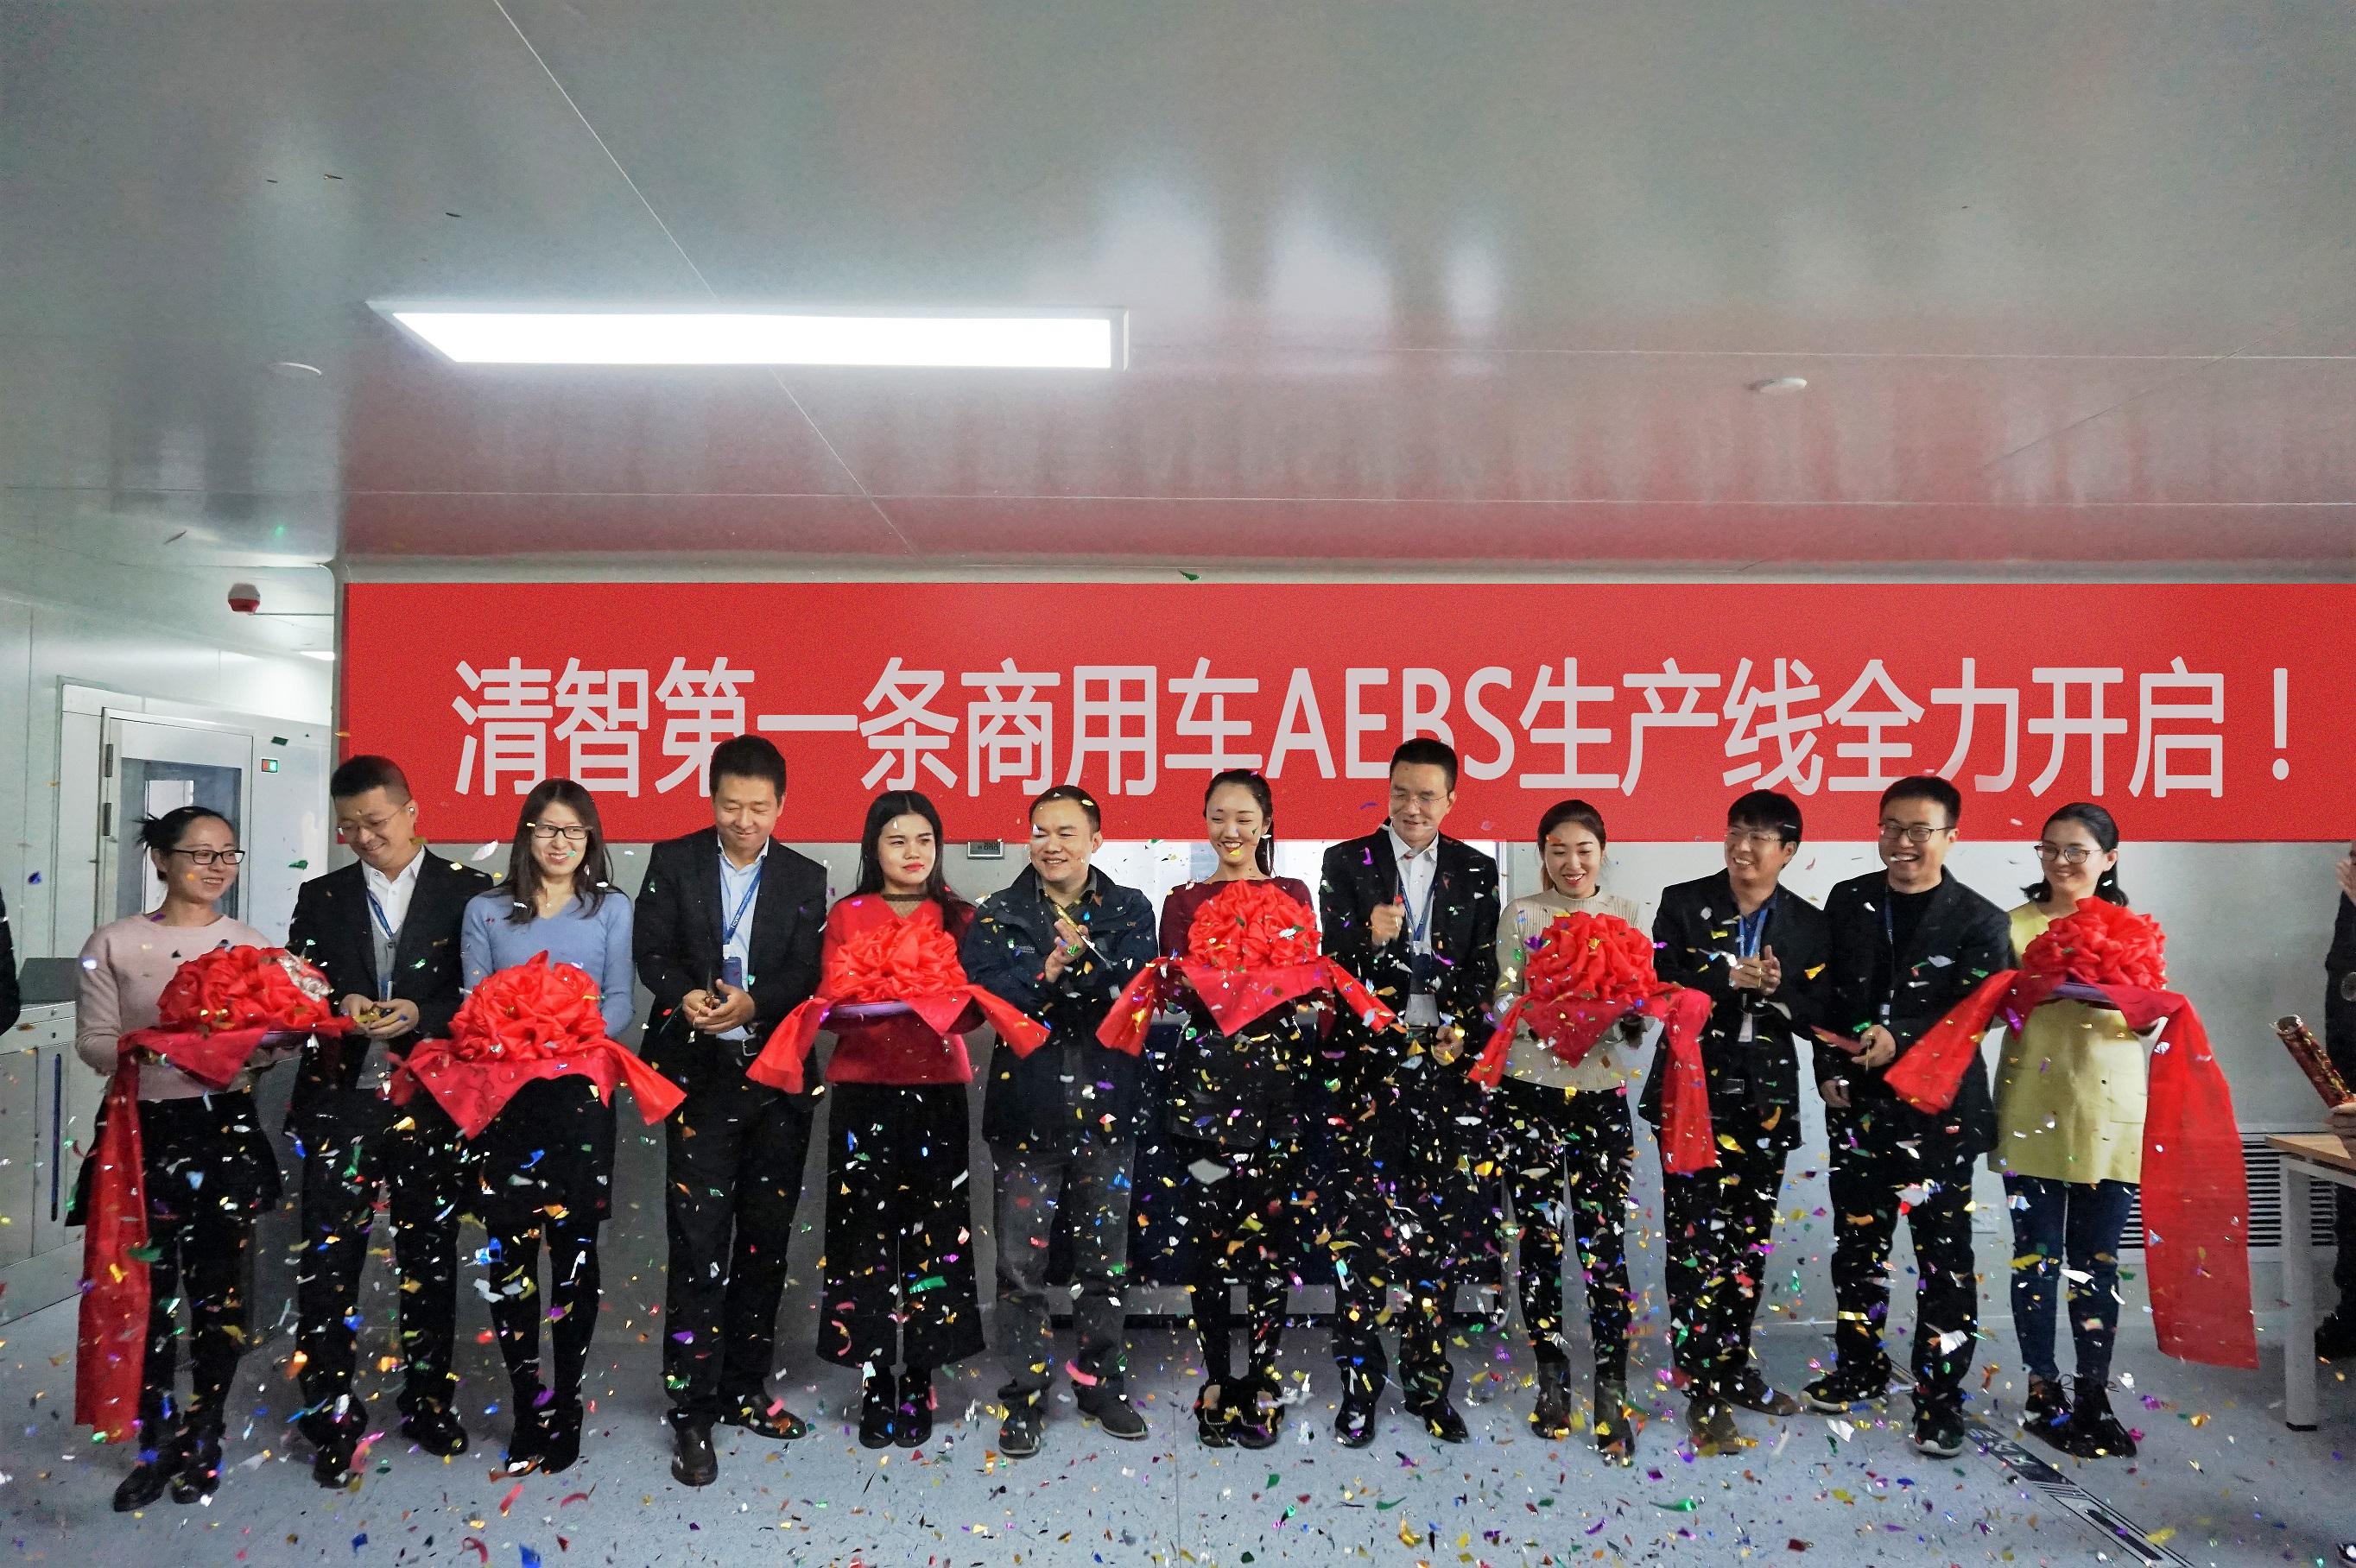 清智科技第一条商用车AEBS生产线全力开启!